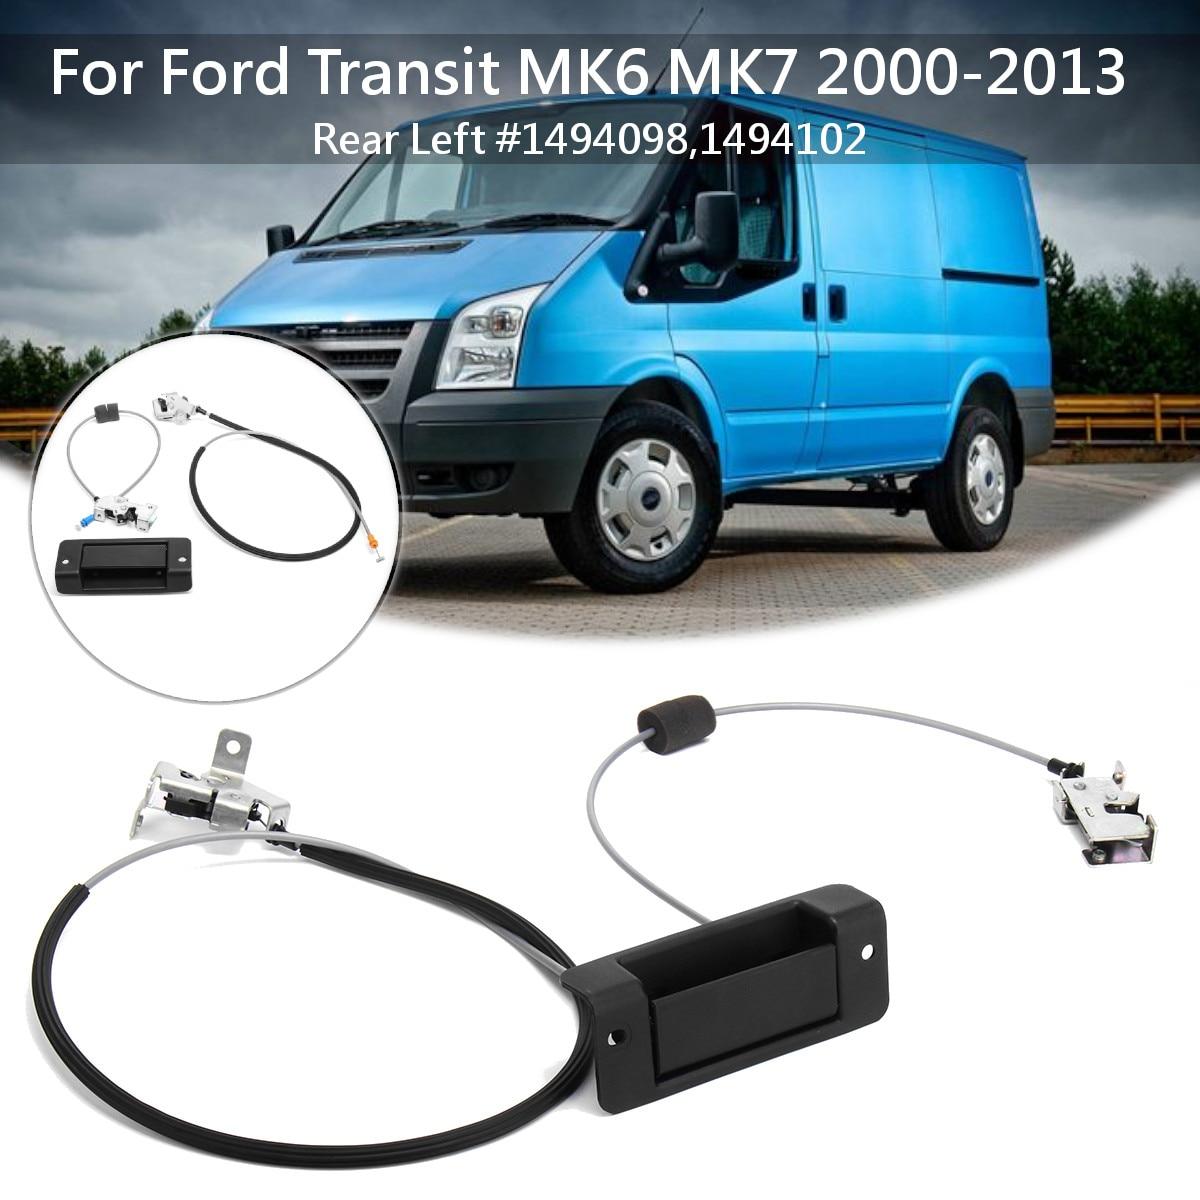 Poignée de porte arrière gauche + câble de verrouillage supérieur et inférieur pour Ford Transit MK6 MK7 2000-2013 1494098 1494102